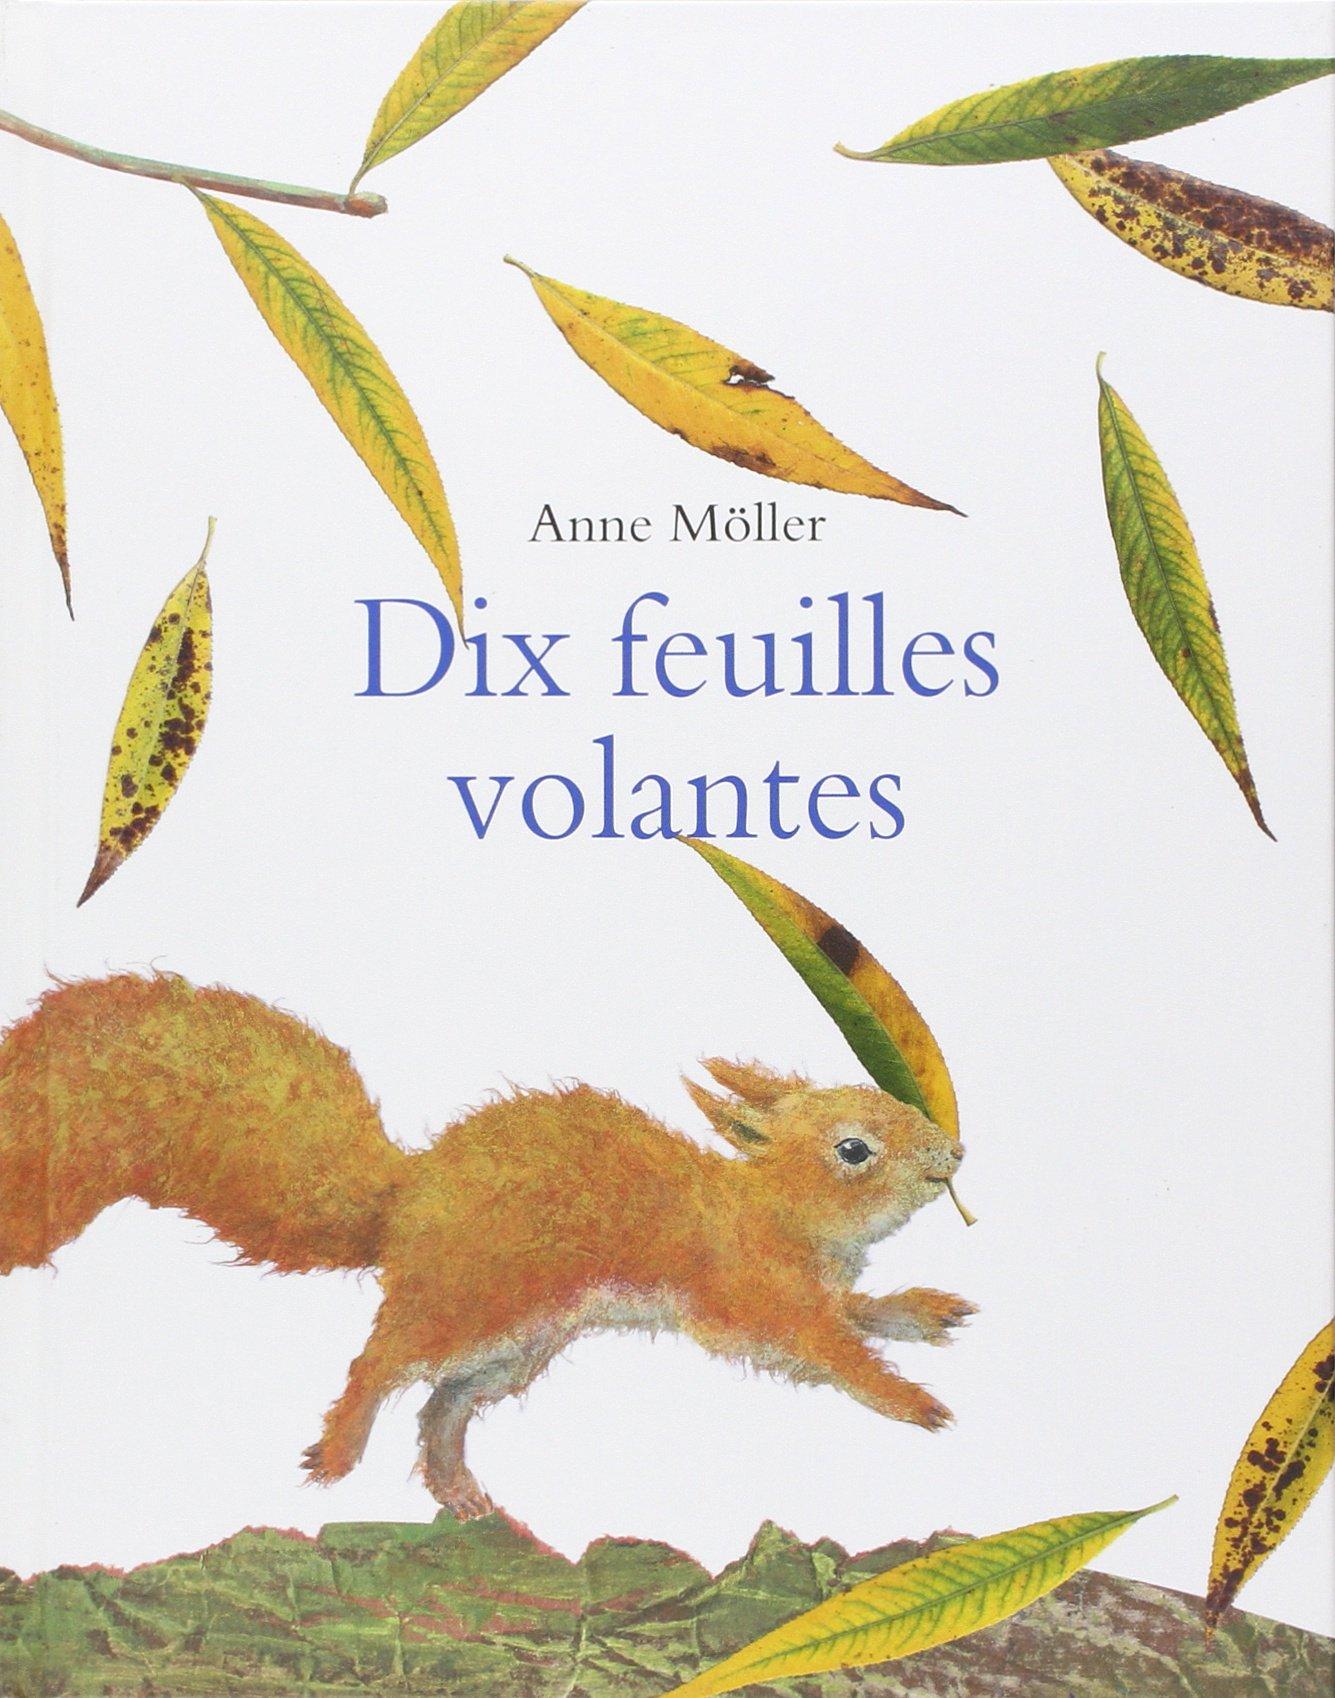 Dix feuilles volantes Album – 15 octobre 2009 Anne Möller Pierre Bertrand L' Ecole des Loisirs 2211097227